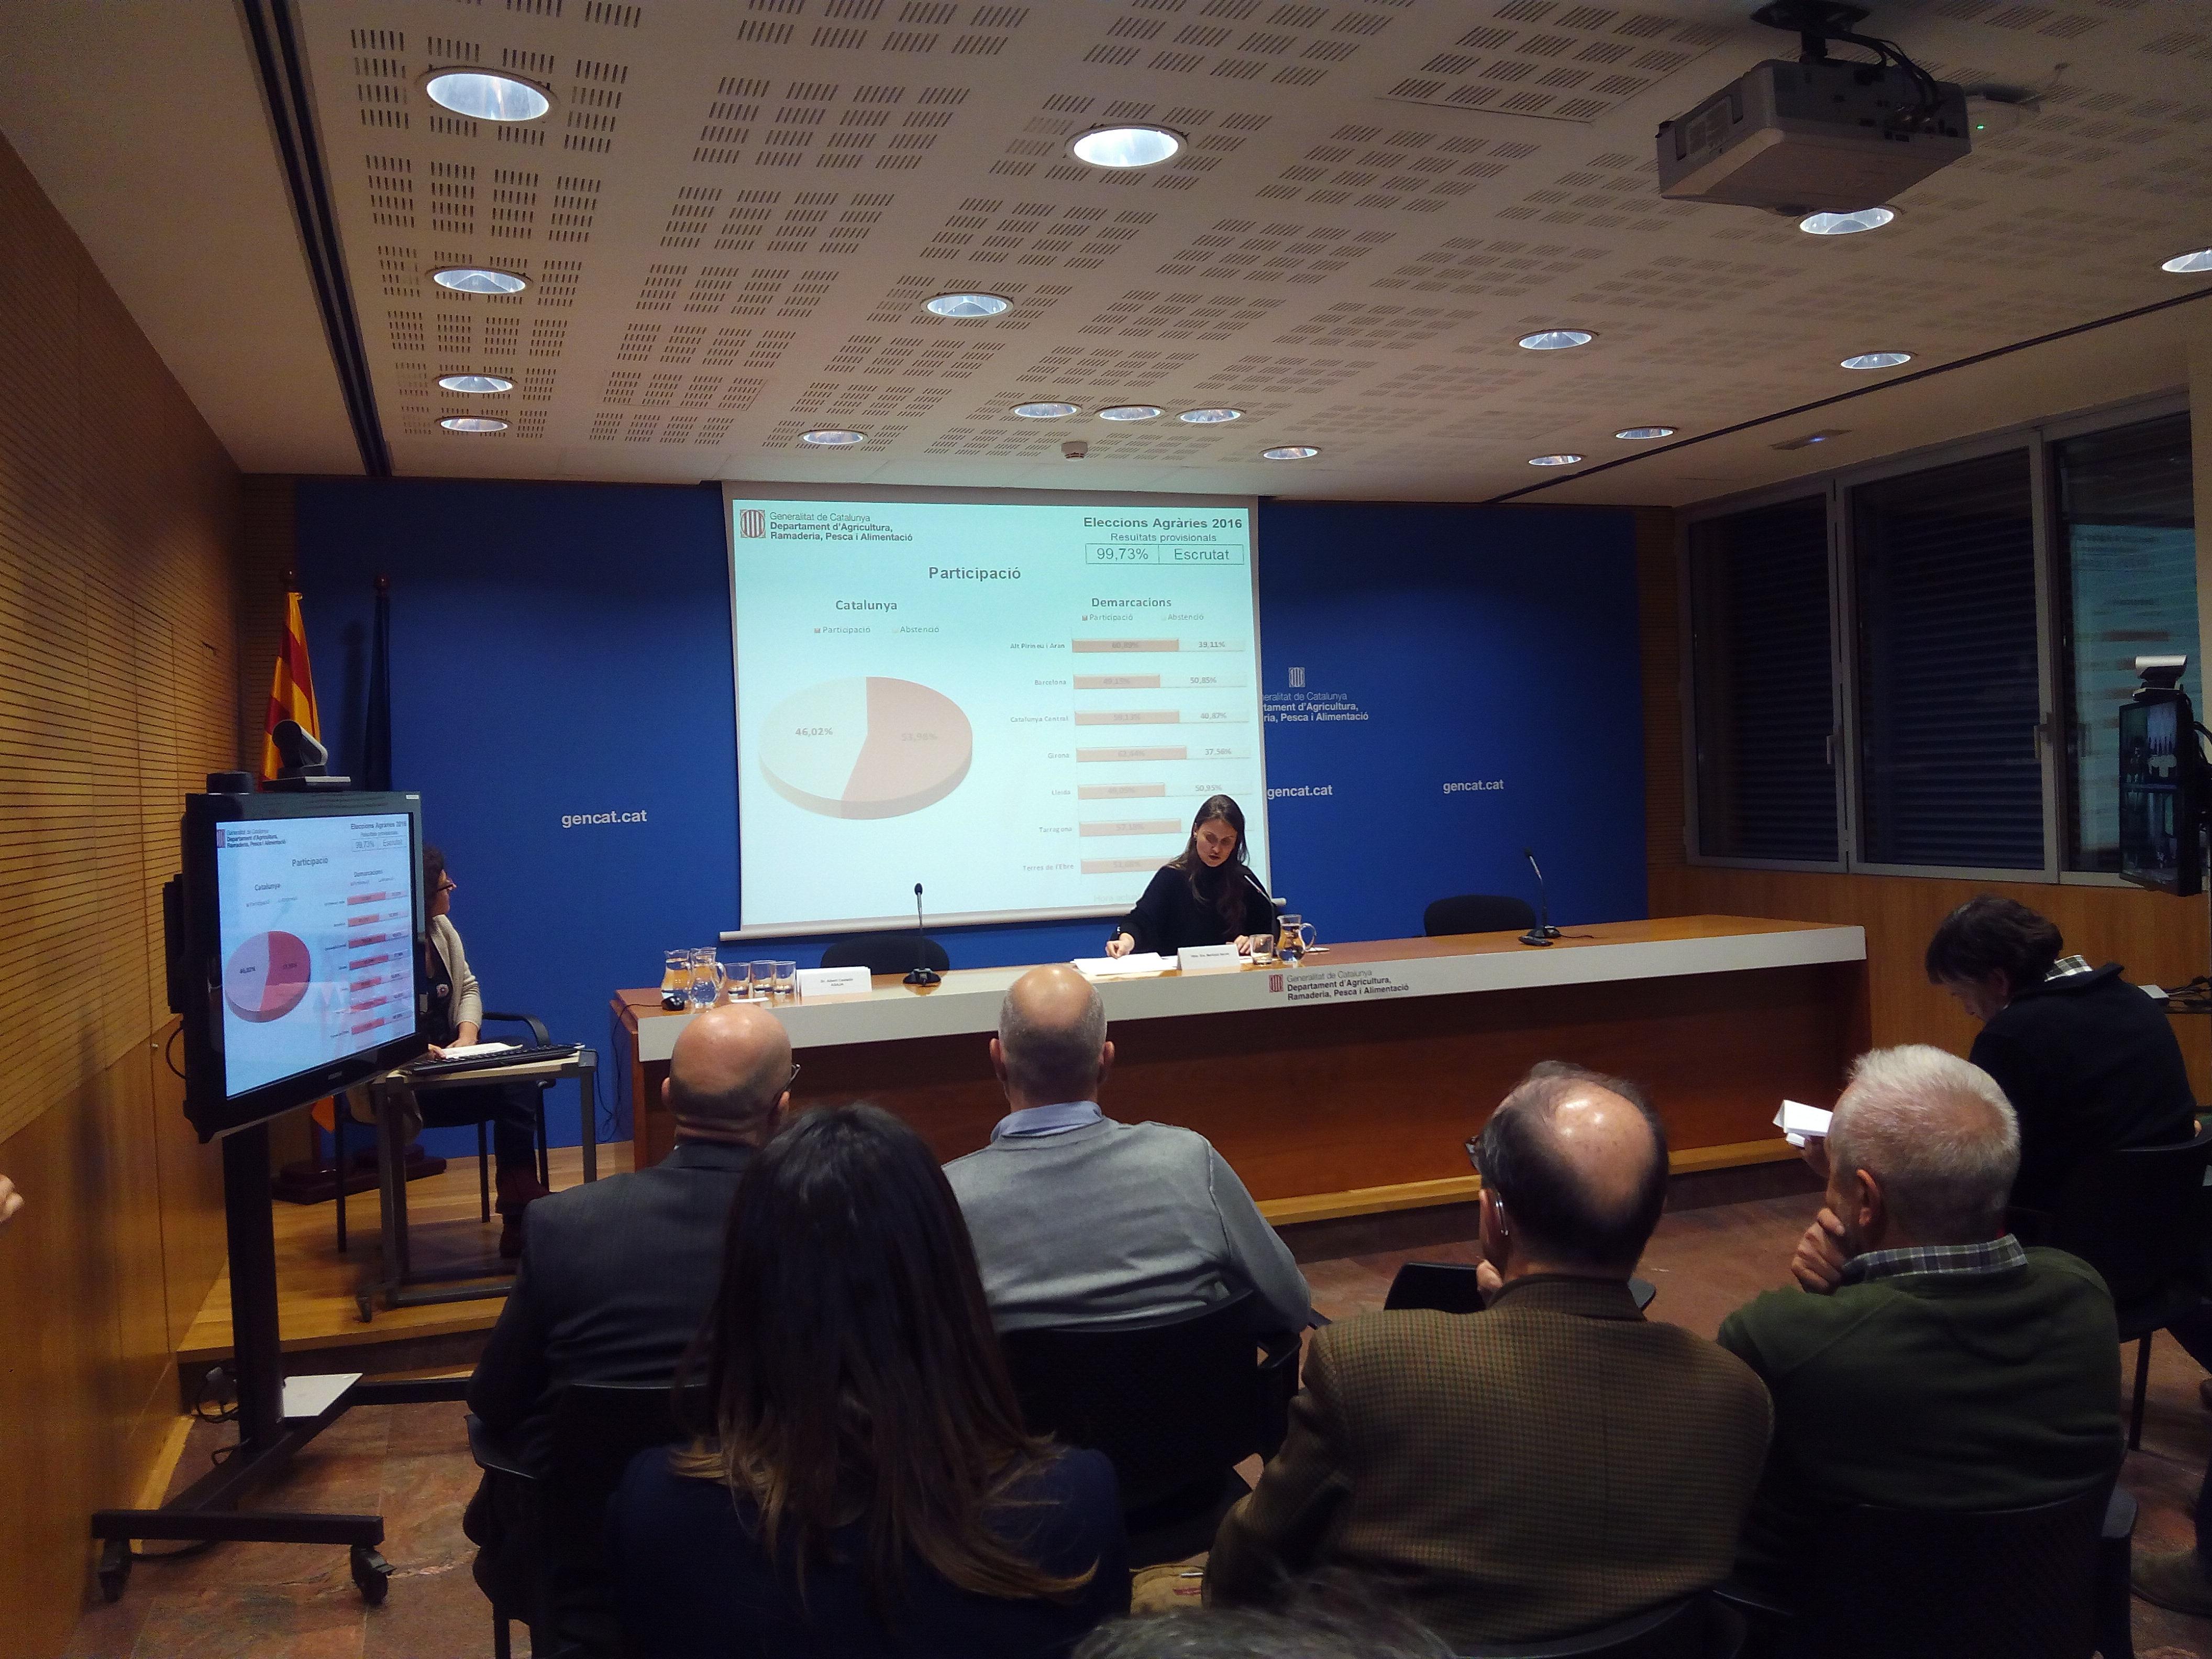 Unió de Pagesos amb el 56,77% dels vots és la força més votada a les eleccions agràries de Catalunya